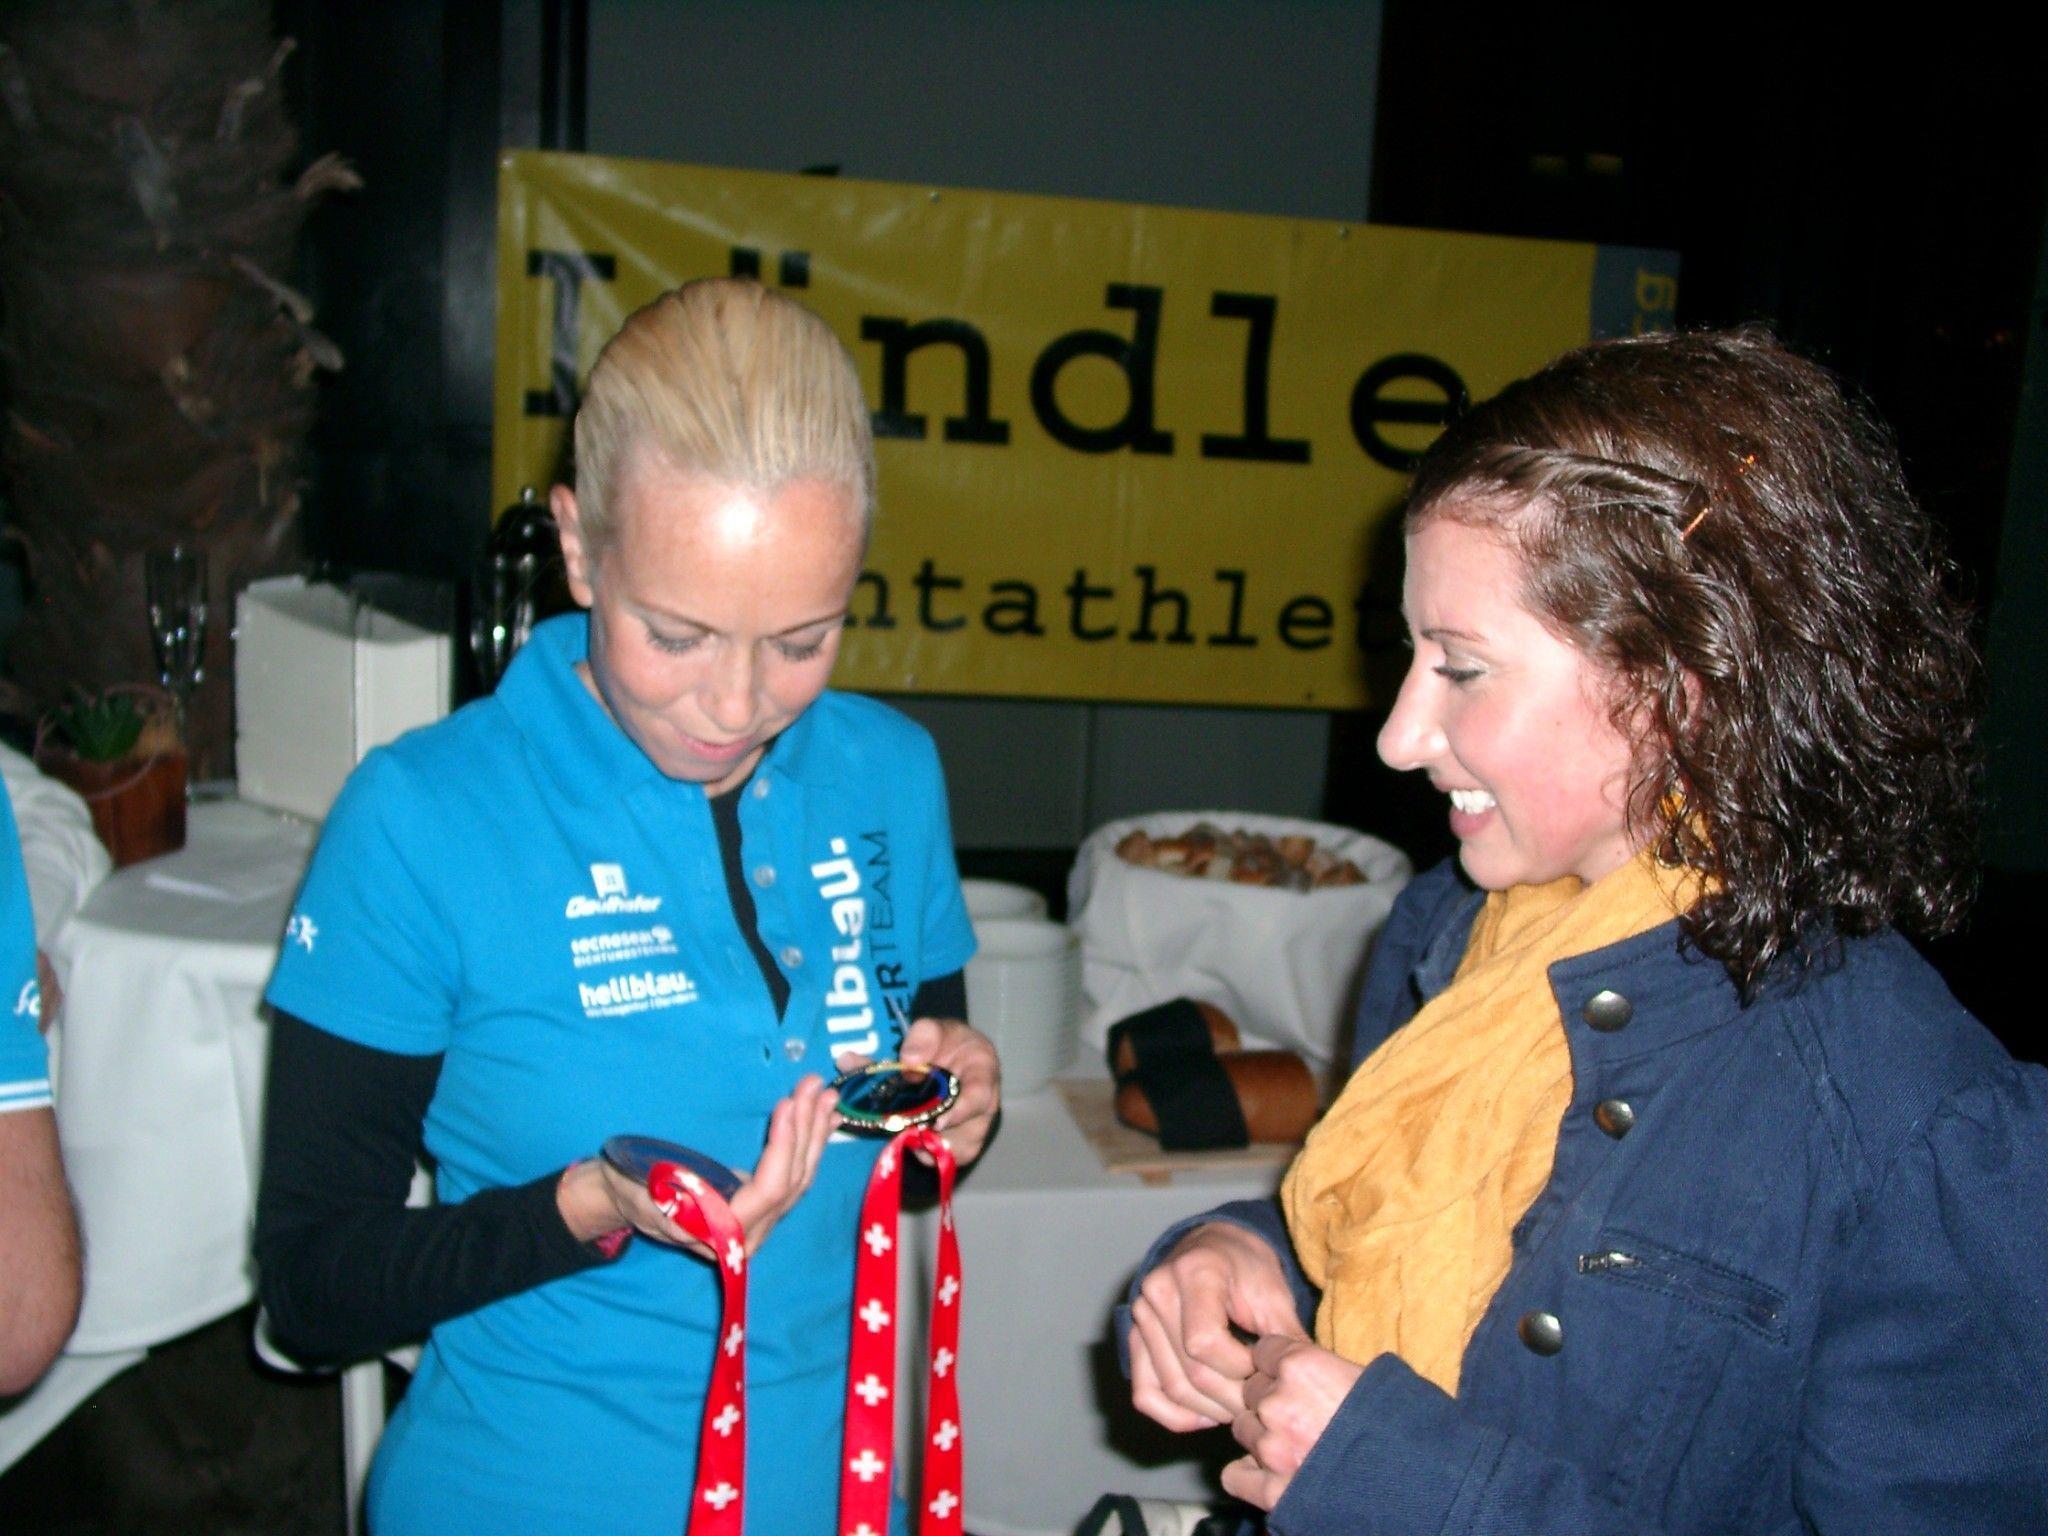 Sabine Reiner (r.) zur Leichtathletin des Jahres 2012 nominiert, auch Rosalie Tschann steht zur Wahl.